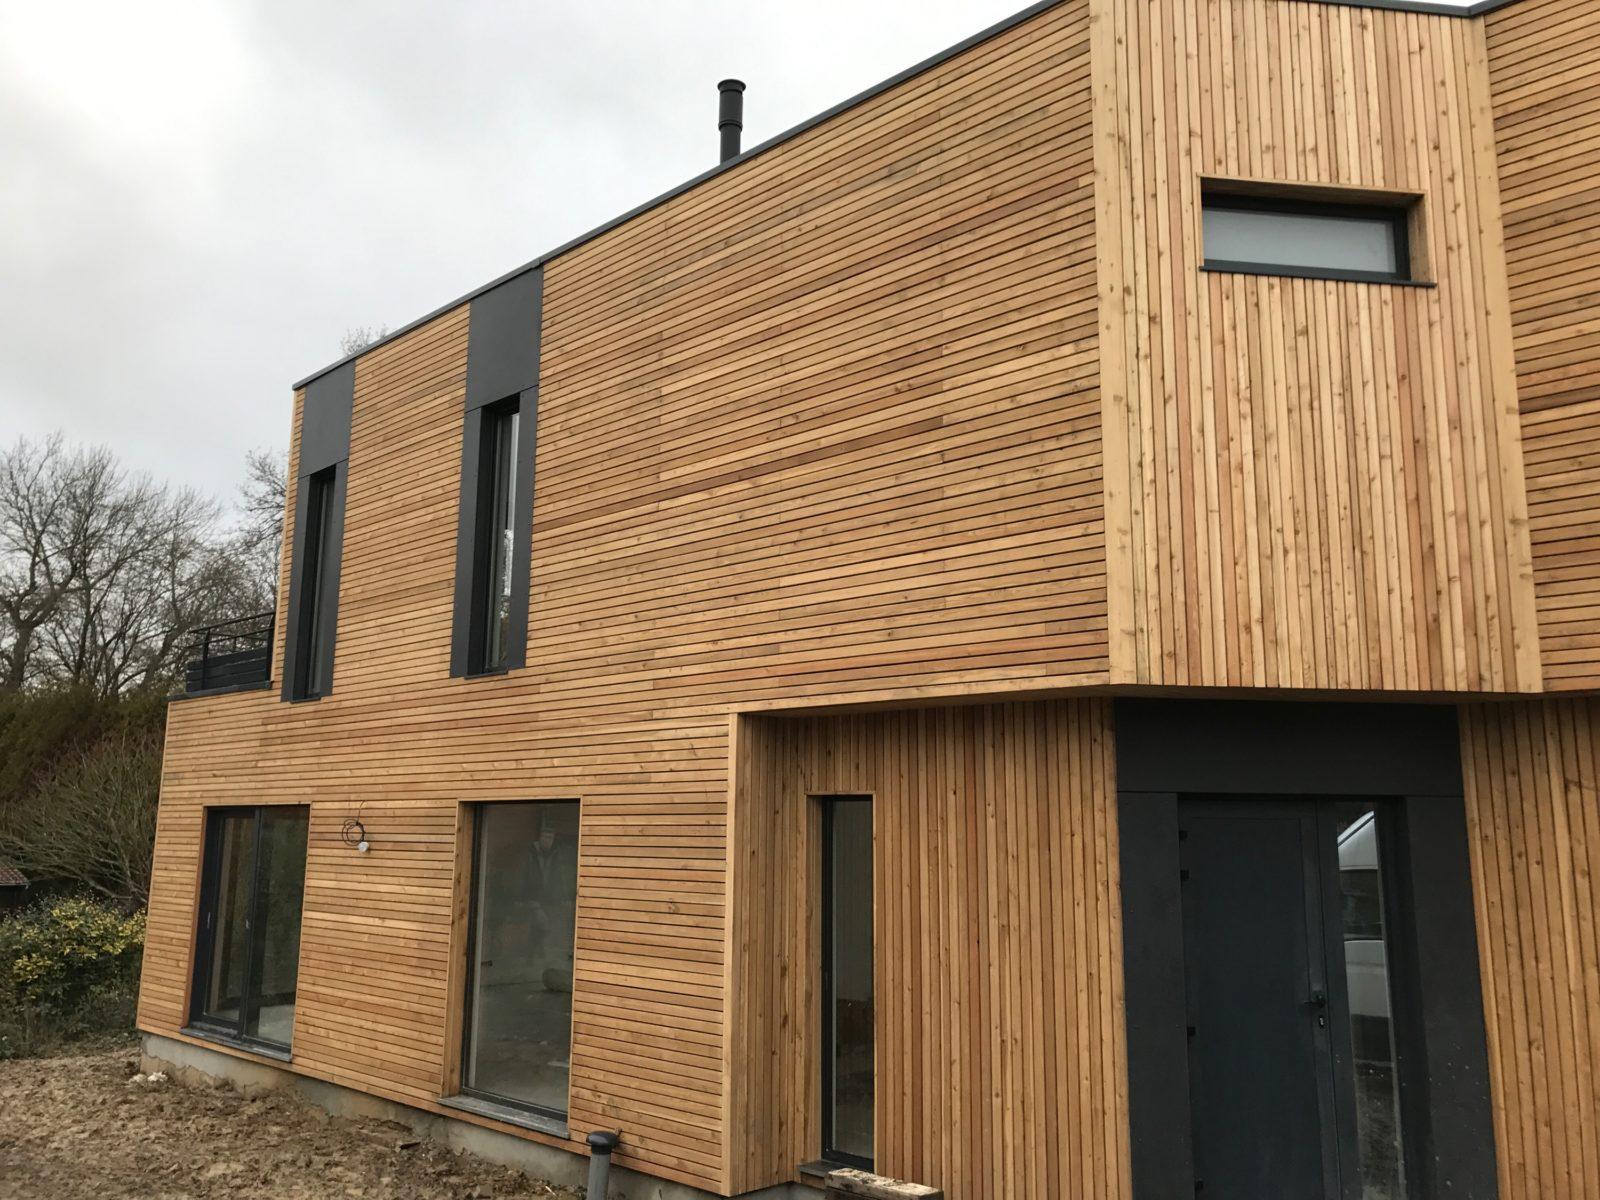 maison a ossature bois destombes habitat3